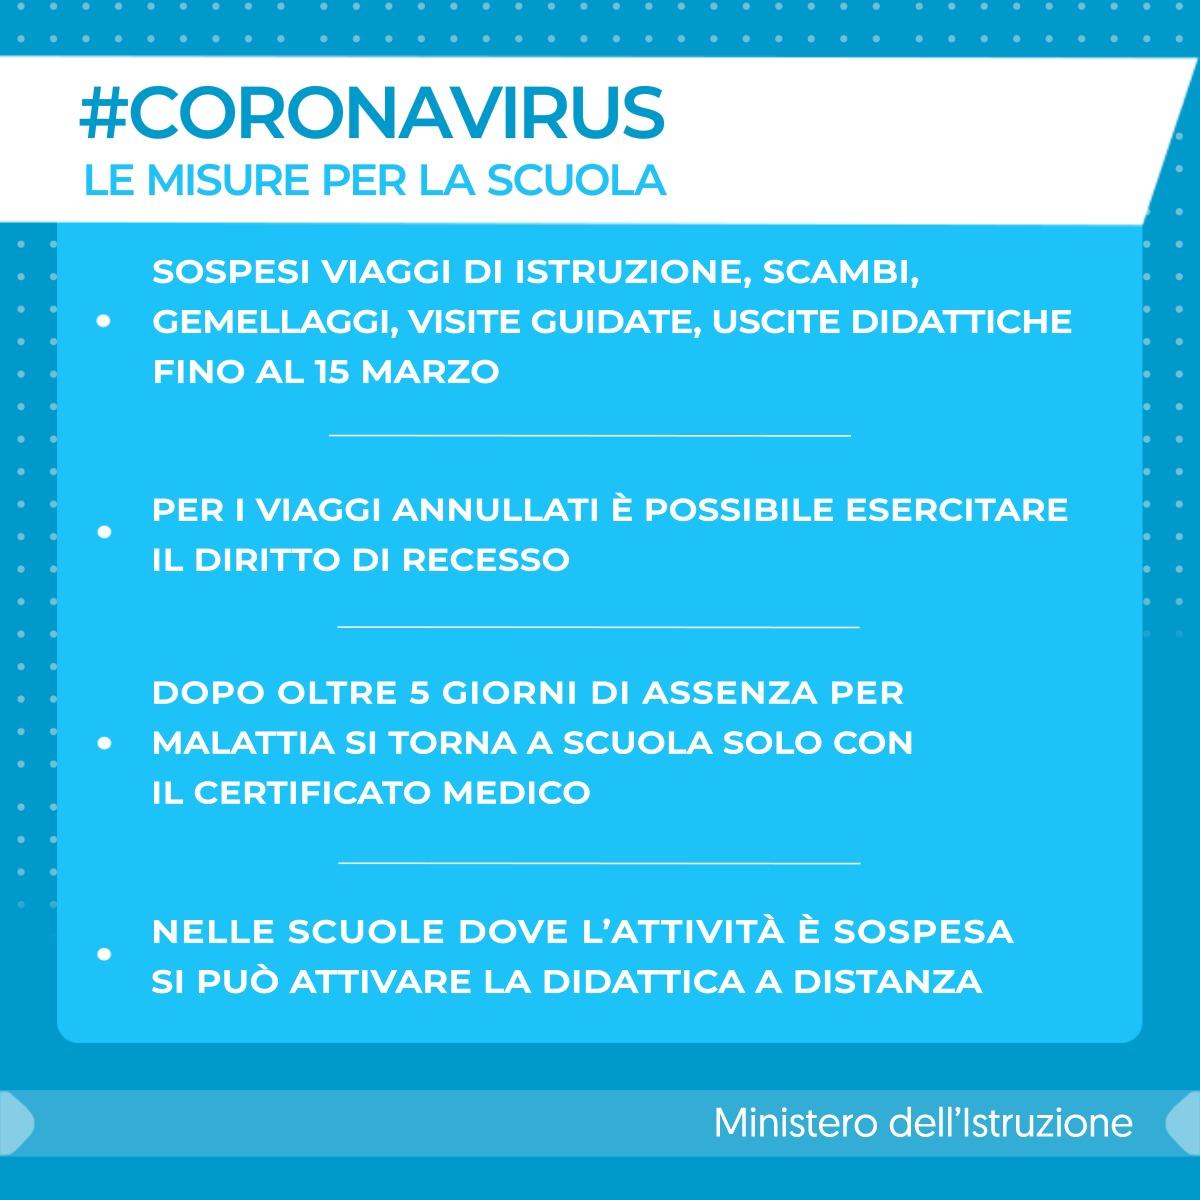 NUOVO CORONAVIRUS - COMUNICATO STAMPA MINISTERO DELL'ISTRUZIONE